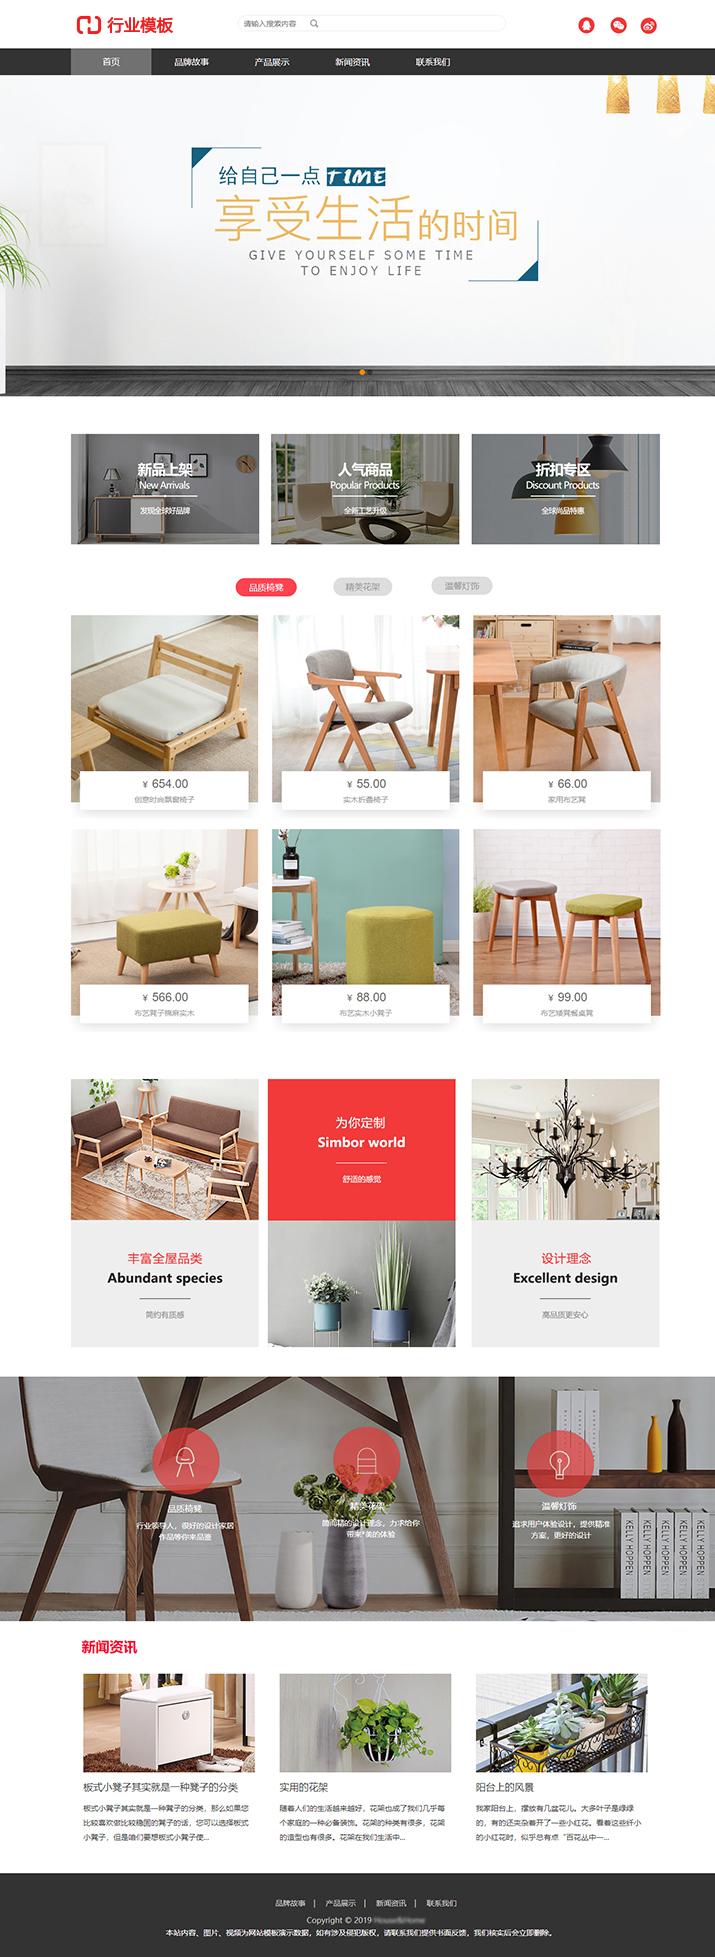 优质家具品牌网站模板